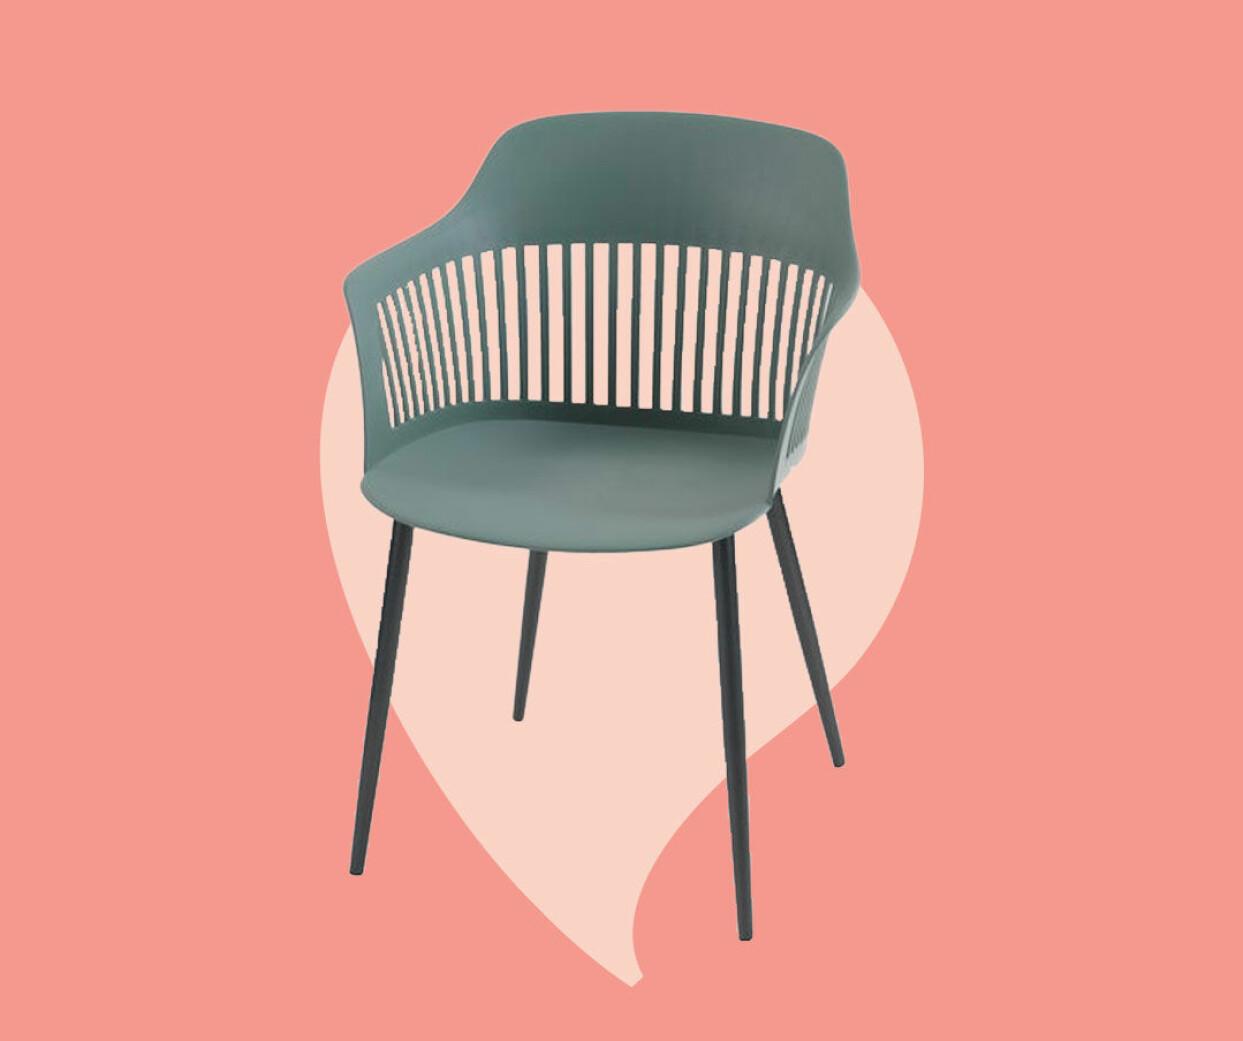 Trädgårdsstol från Jysk.